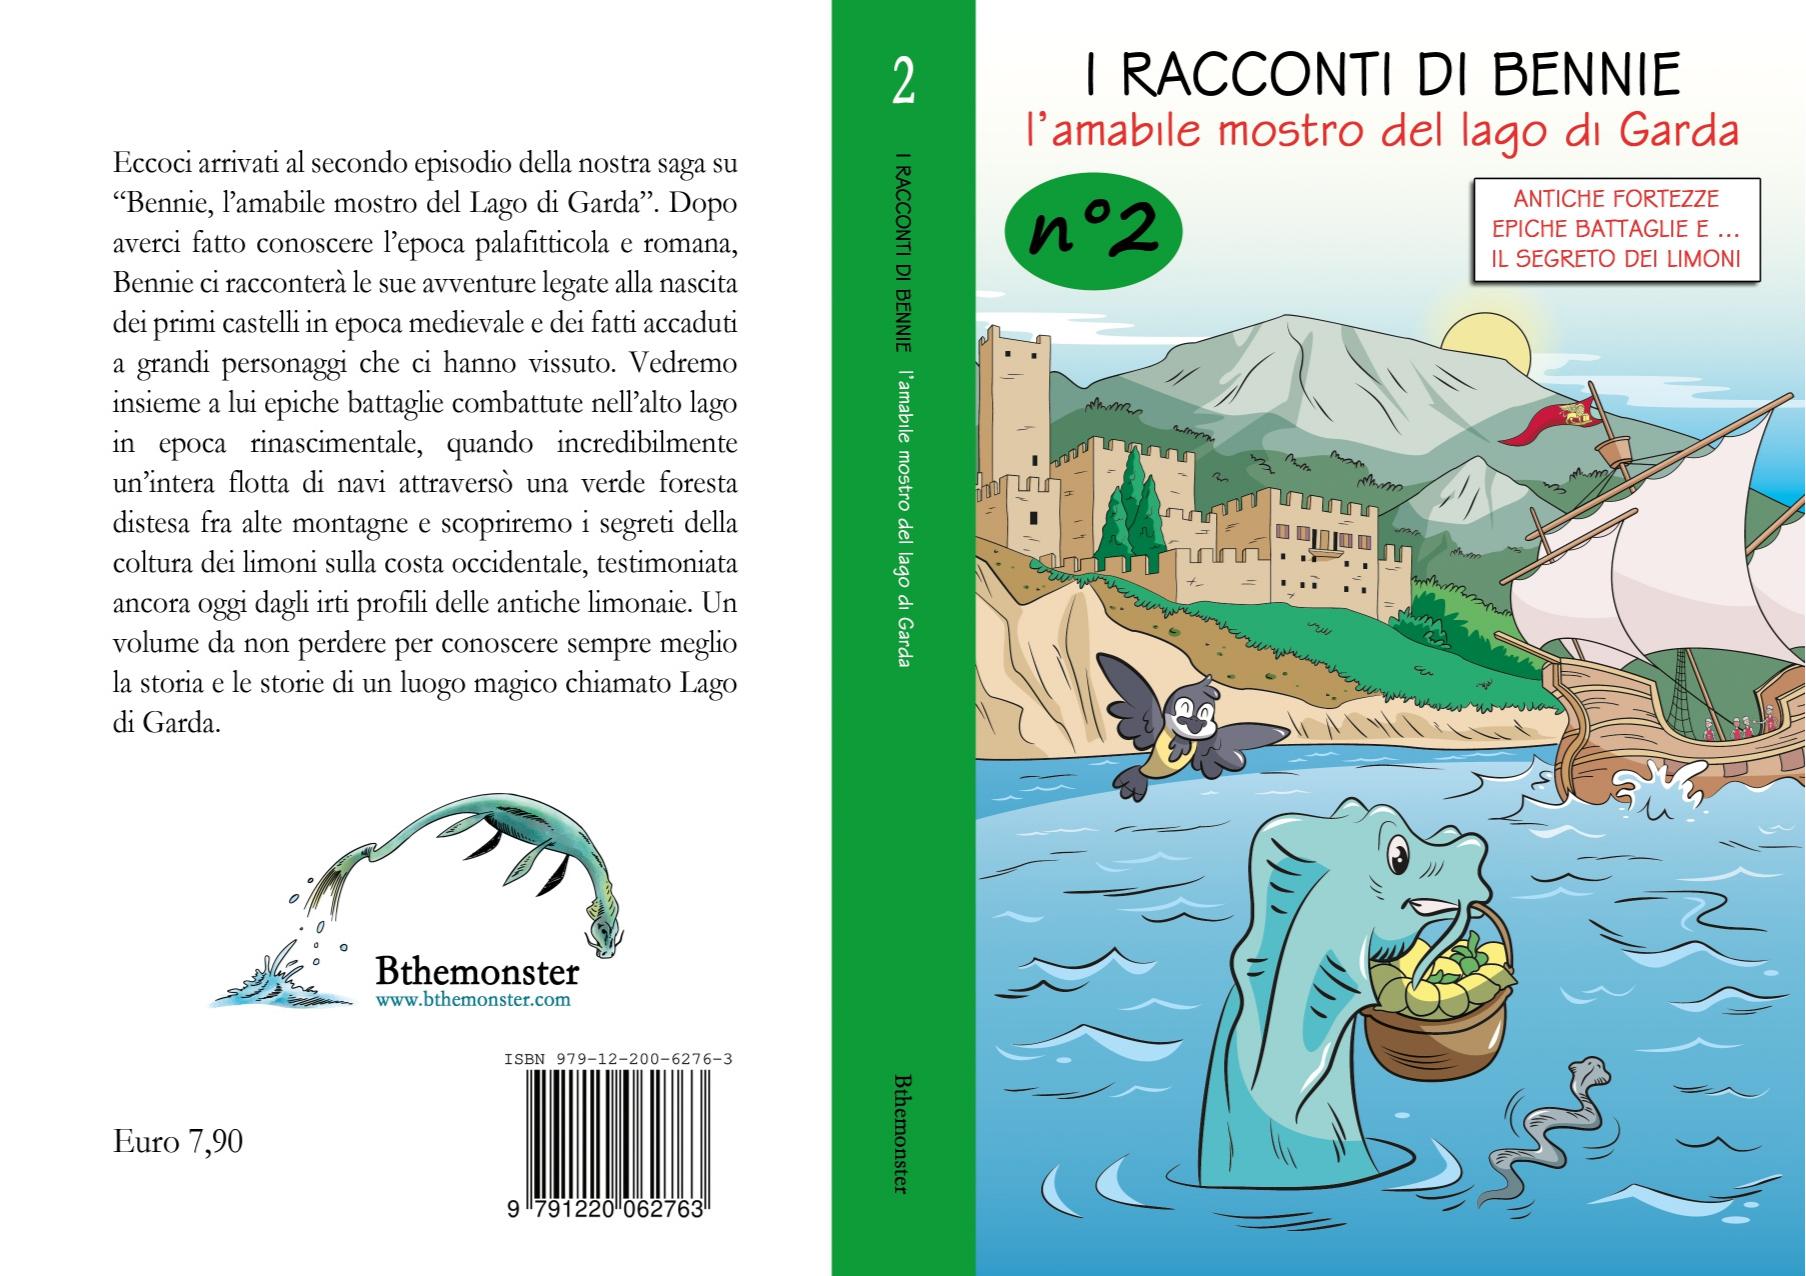 Libro Racconti di Bennie Vol.2 Italiano Bthemonster